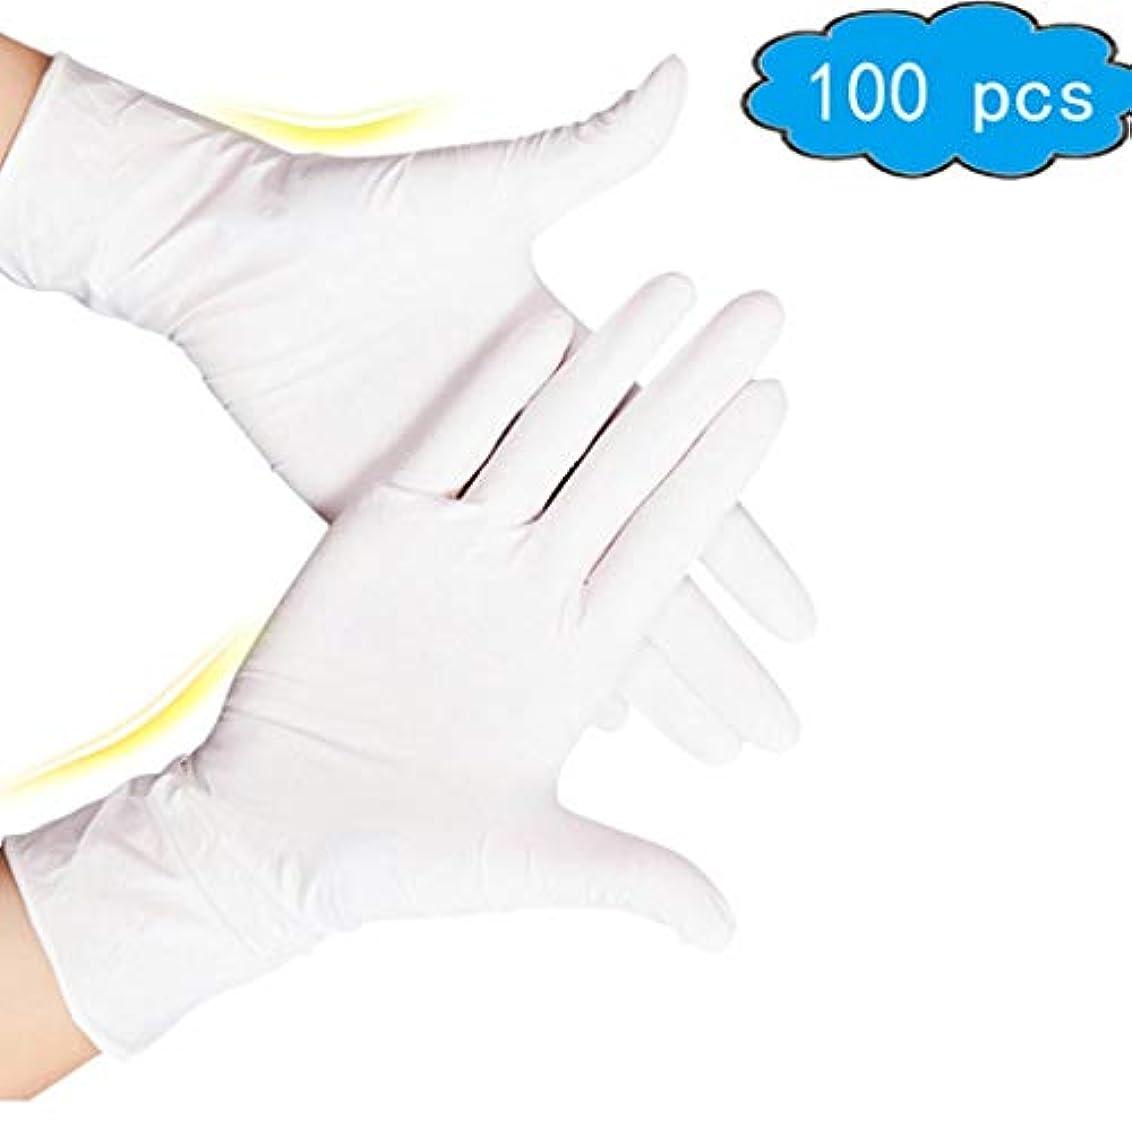 ホワイトニトリル使い捨て手袋 - 質感、検査、パウダーフリー、極厚5ミル、極太12